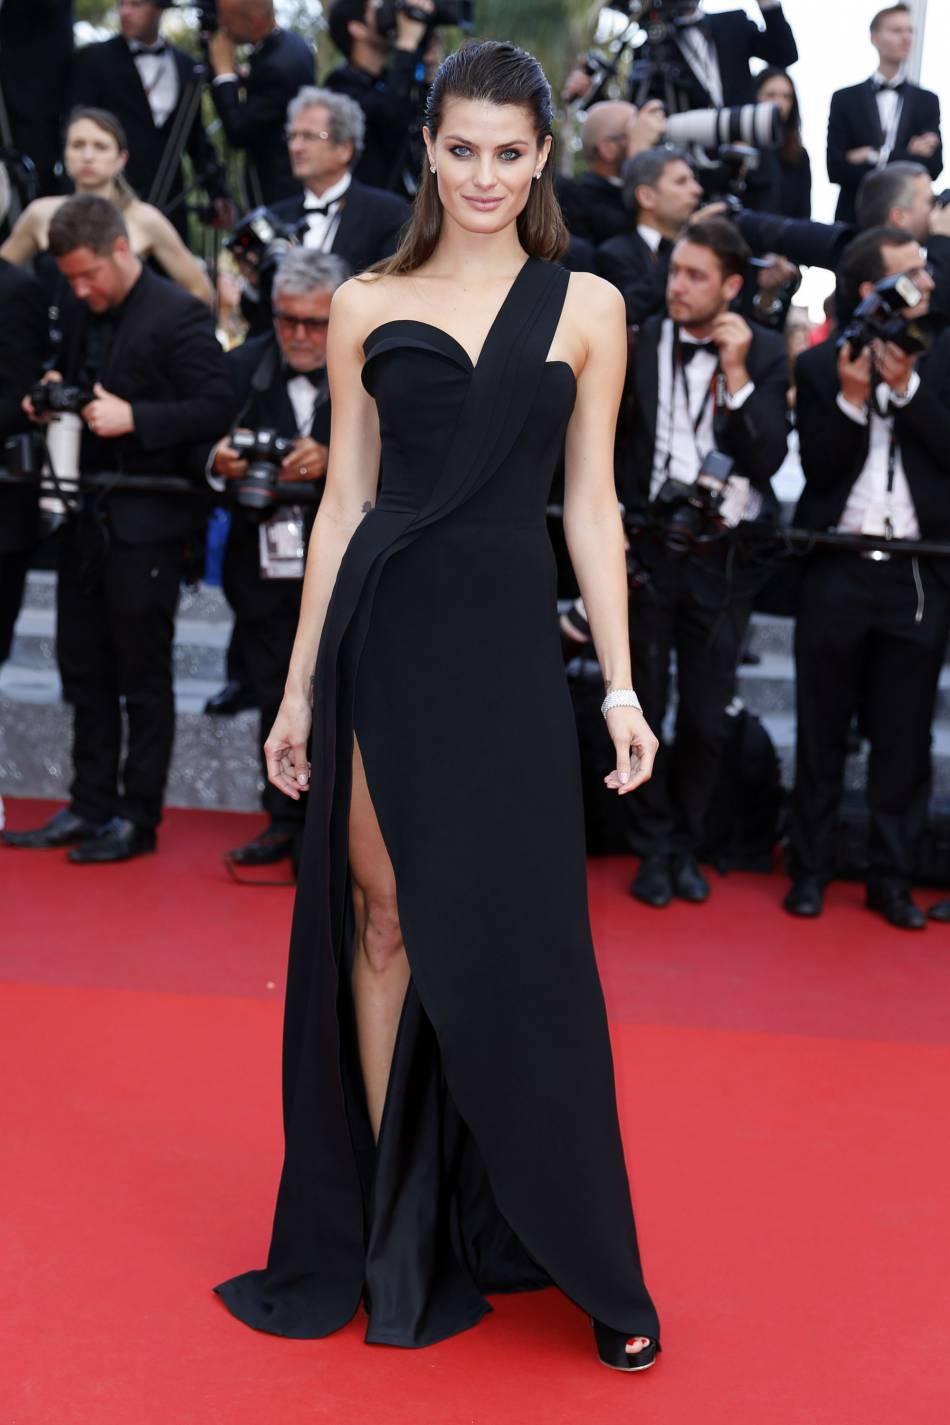 """Isabeli Fontana, beauté ténébreuse lors de la montée des marches du film """"La fille inconnue"""" lors du 69ème Festival International du Film de Cannes. L'égérie L'Oréal Paris était en robe Brandon Maxwell de la collection printemps-été 2016 et bijoux Chopard."""